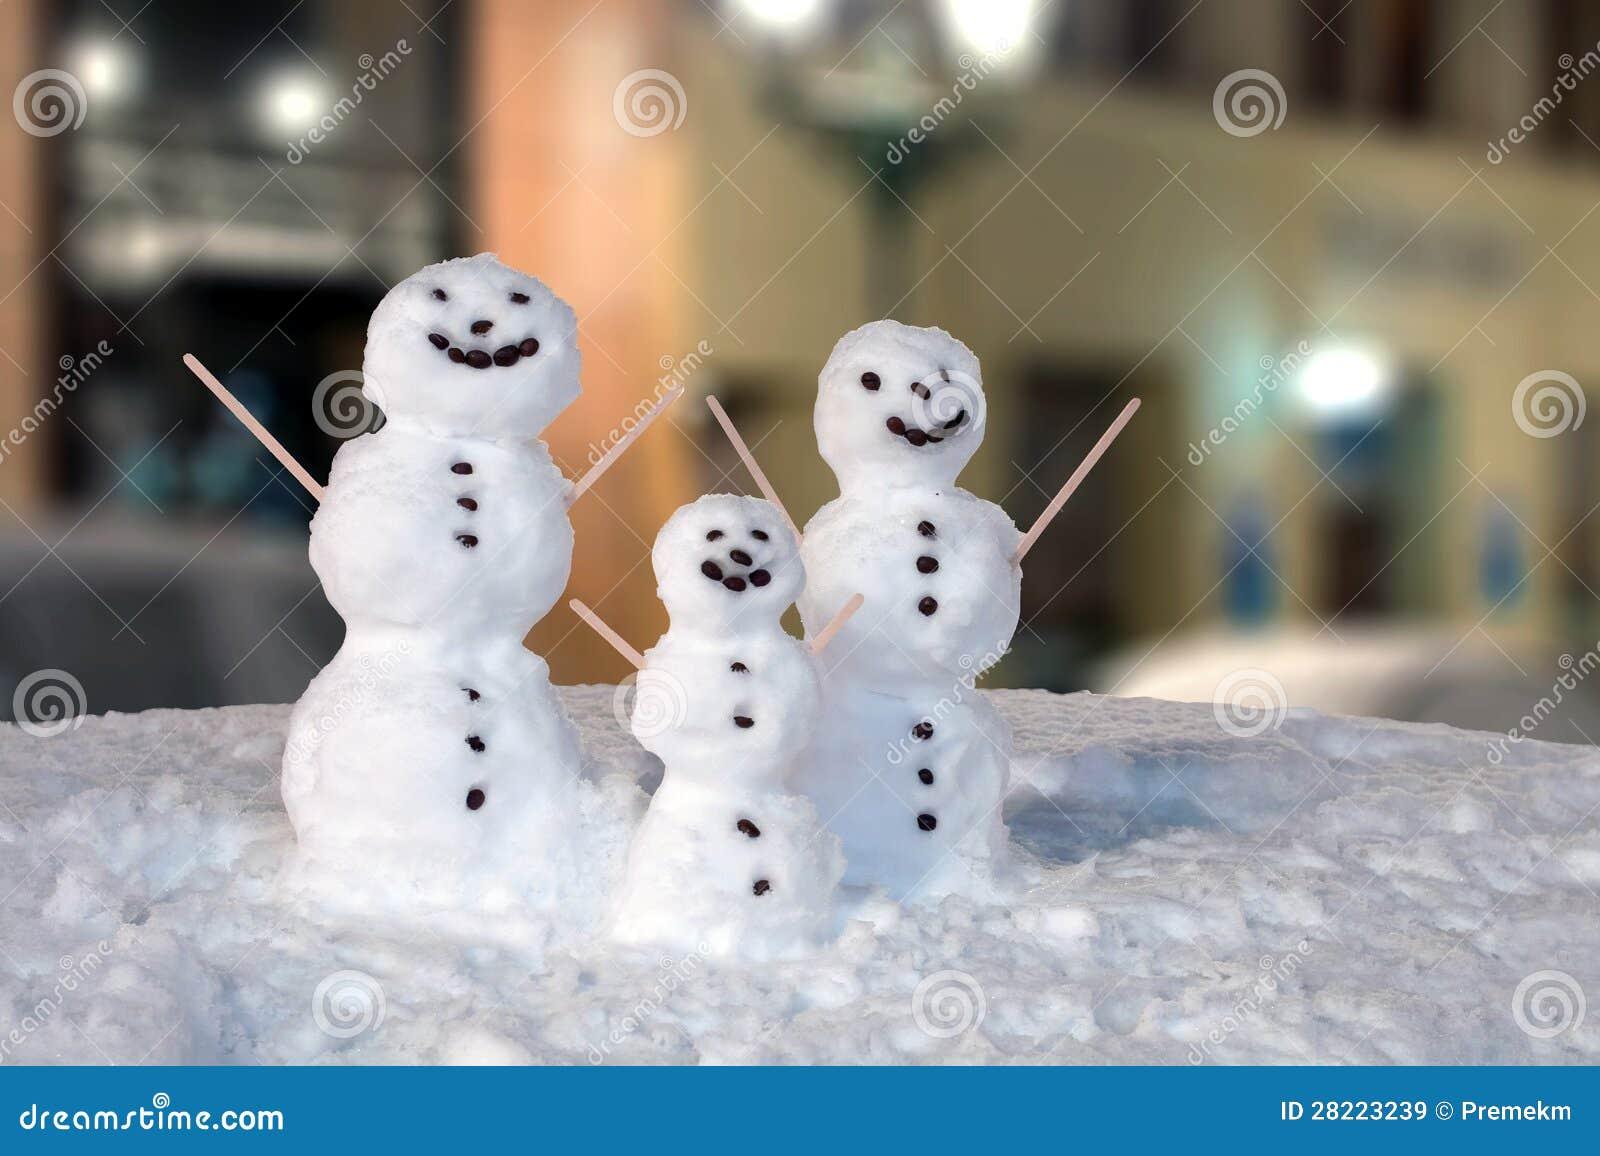 雪人系列装饰用咖啡粒和木棍子